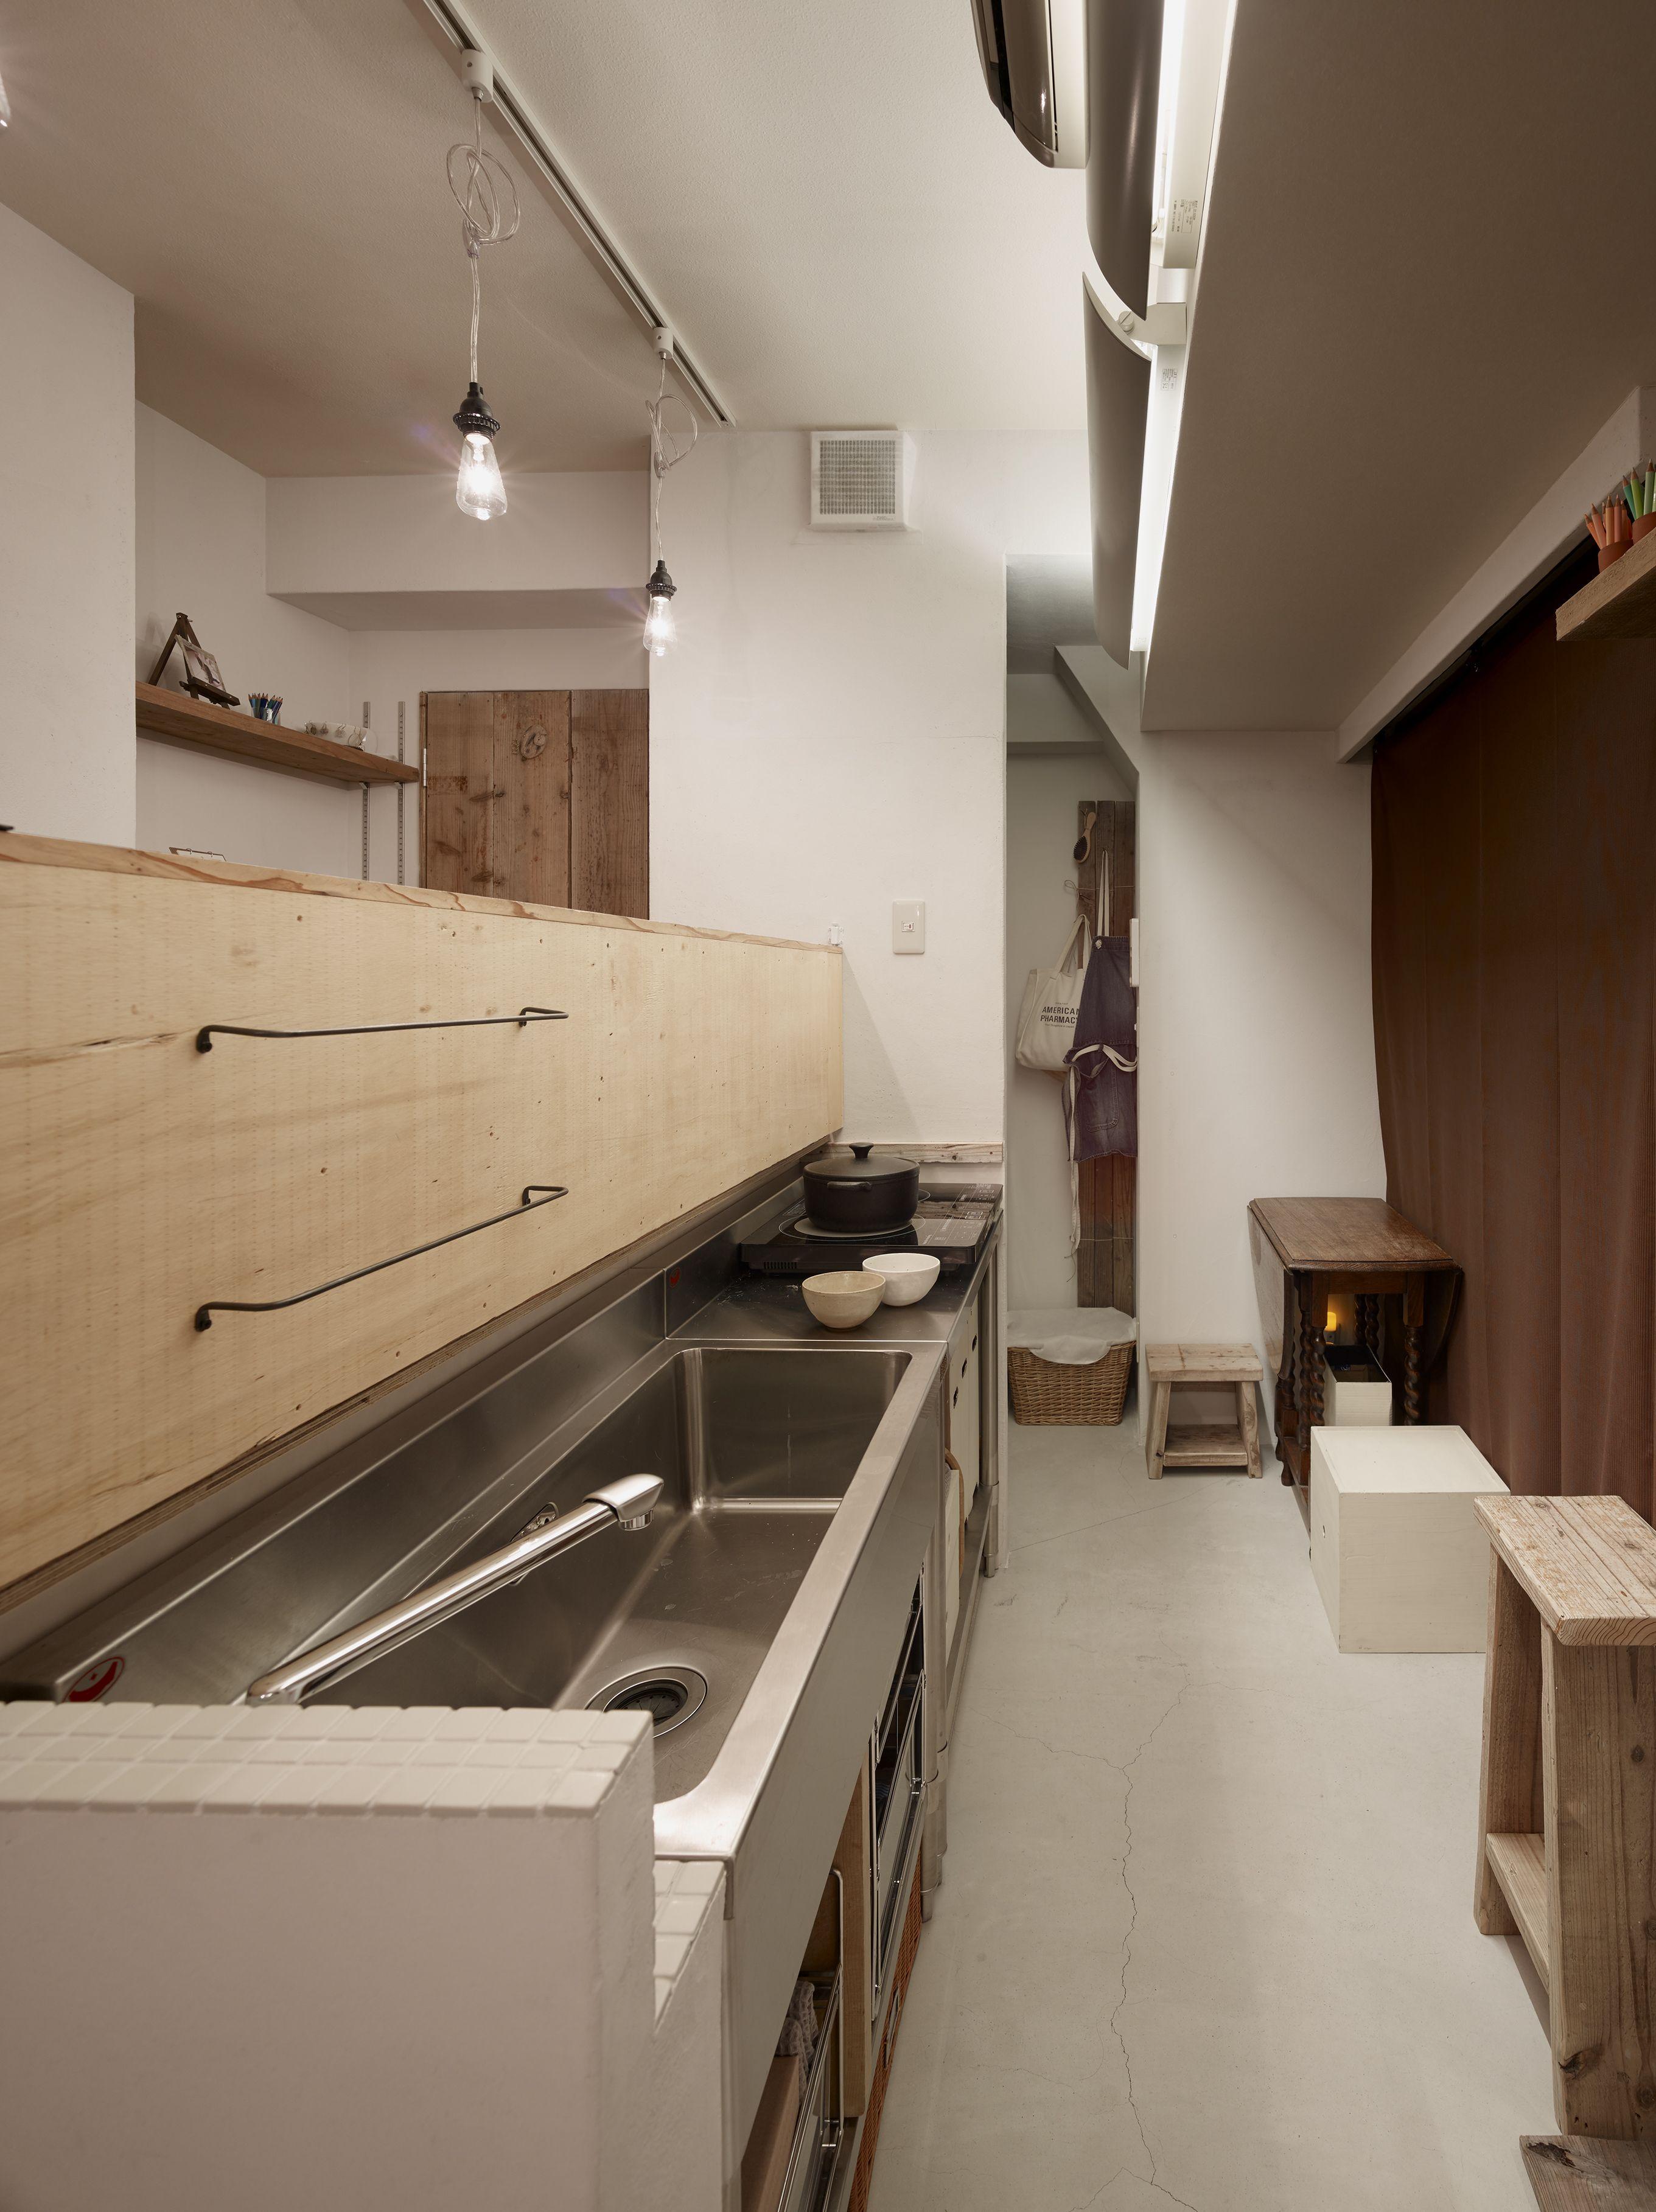 足場板再利用と収納アイデアでお気に入りのワンルームマンションに